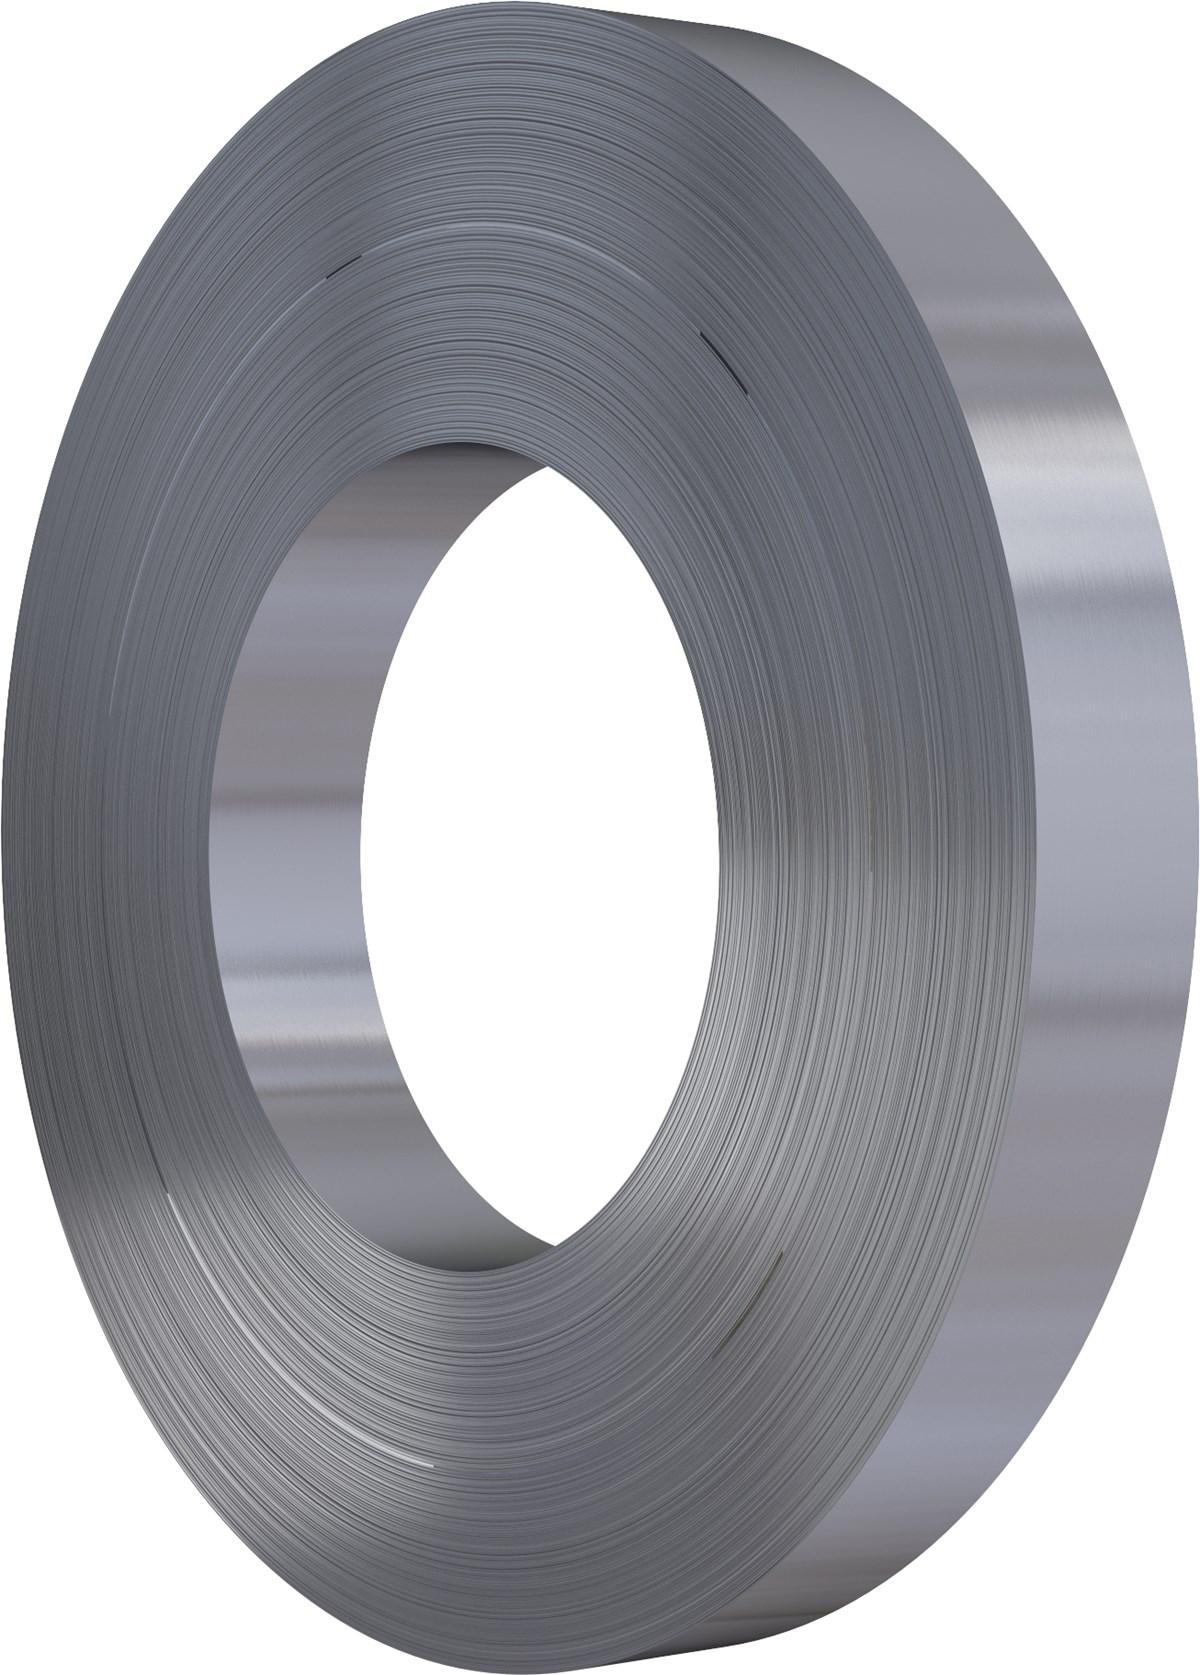 Sandvik Hiflex 174 Compressor Valve Steel For More Efficient